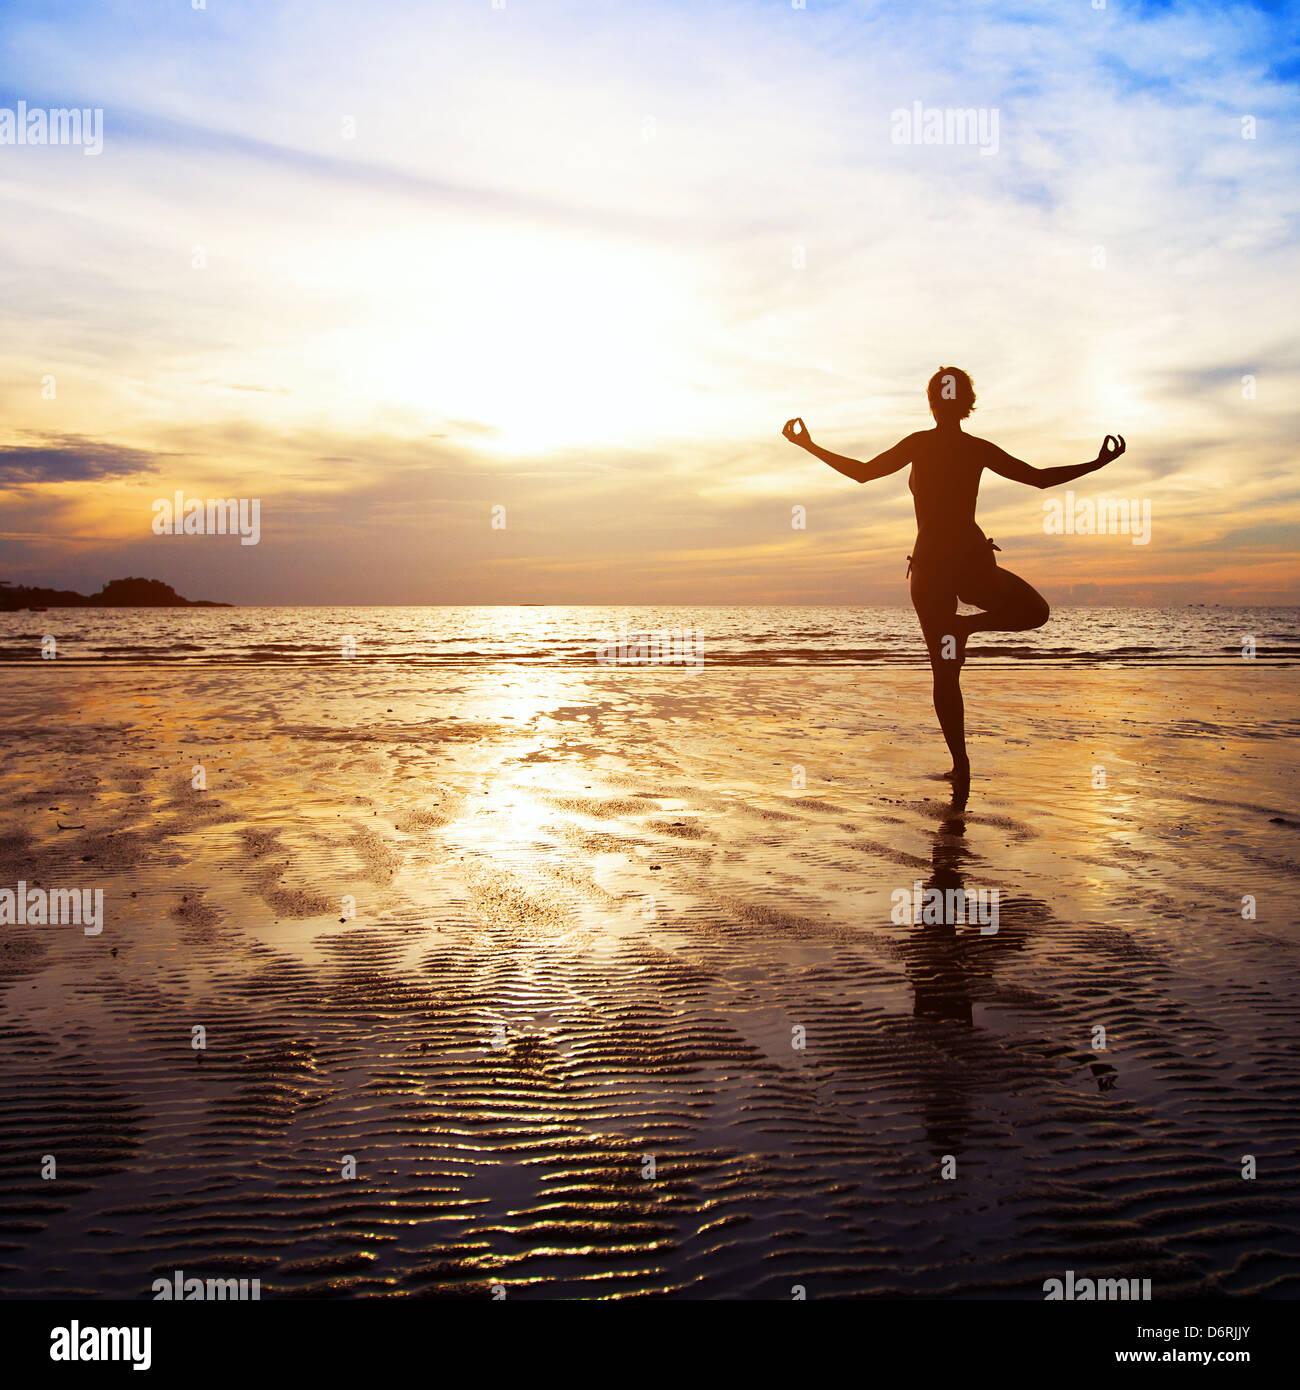 Benessere concetto, bel tramonto sulla spiaggia, donna a praticare yoga Immagini Stock